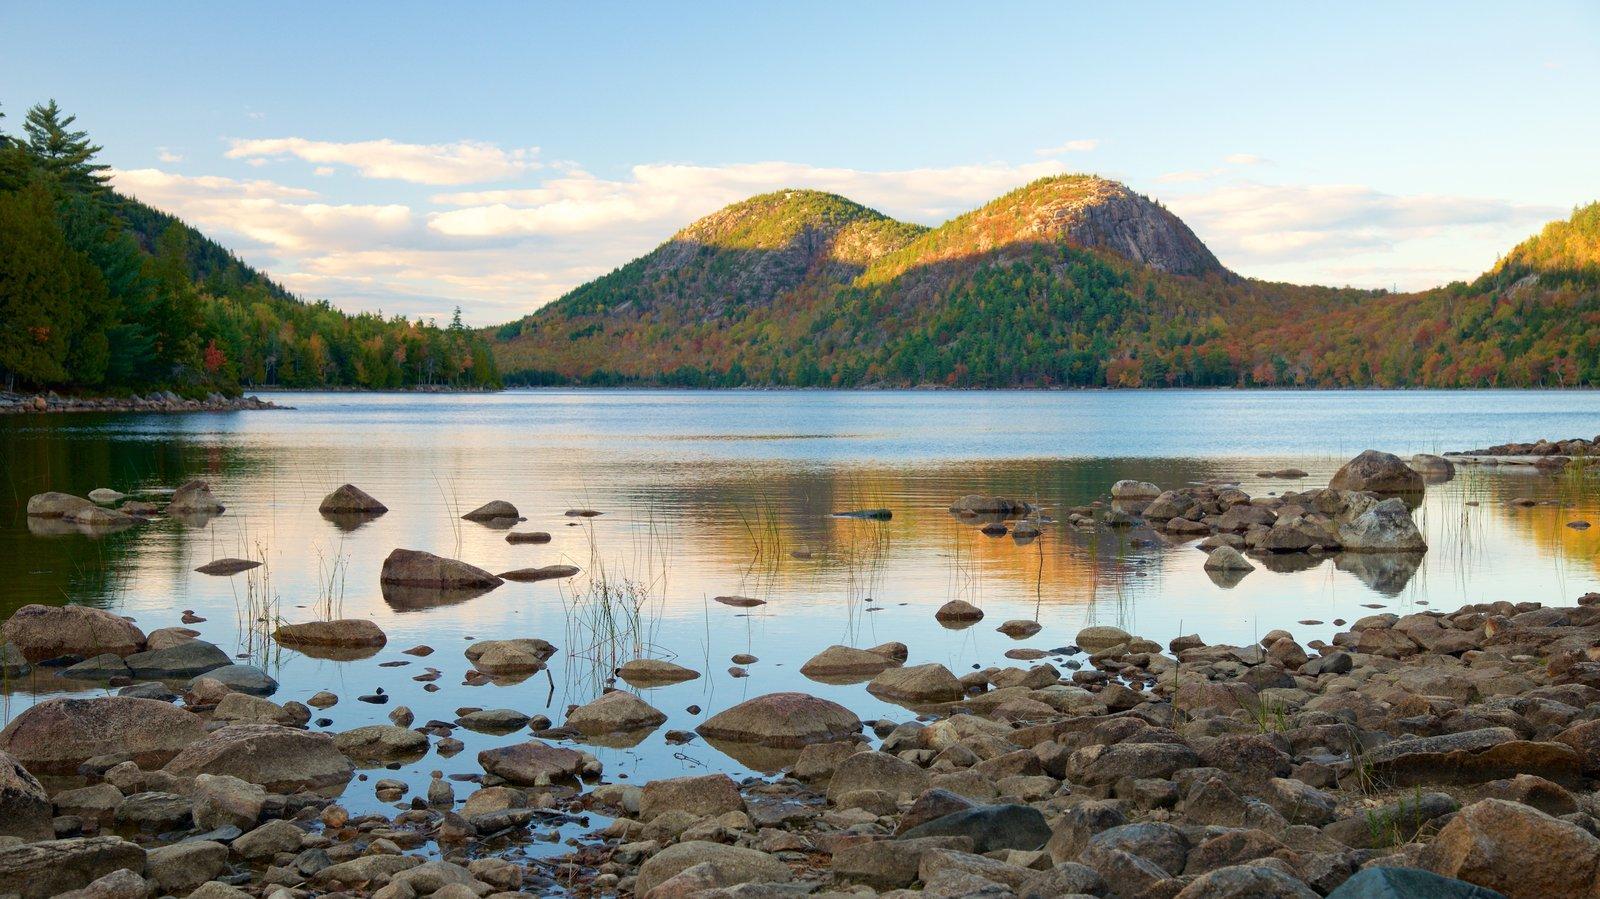 Jordan Pond mostrando un estanque y escenas tranquilas